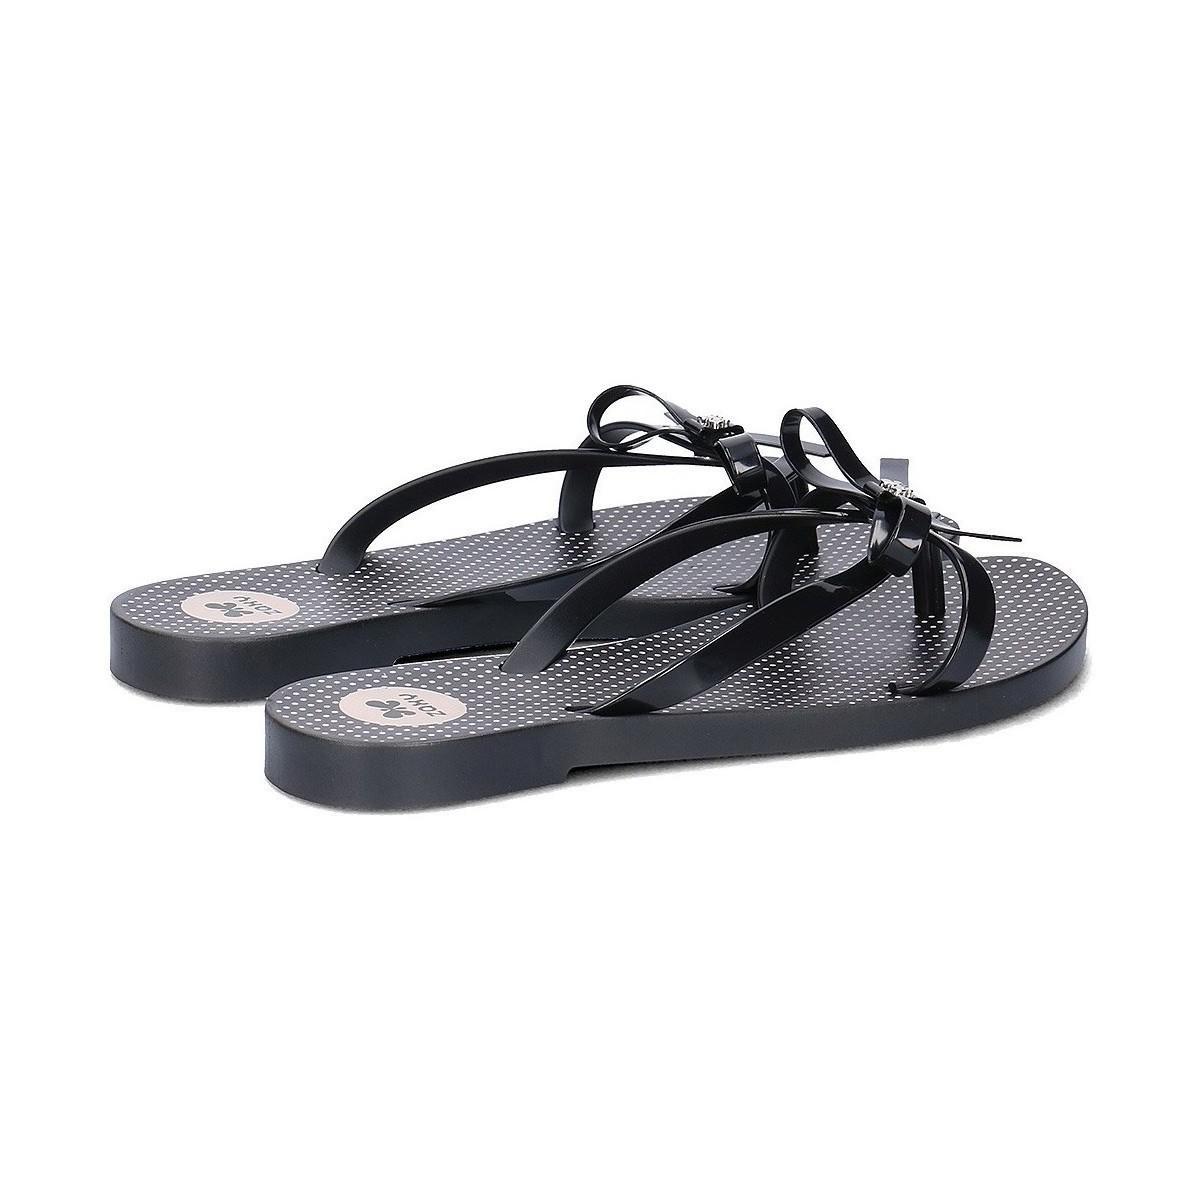 8debfaa372012f Zaxy - Fresh Top Women s Flip Flops   Sandals (shoes) In Black - Lyst. View  fullscreen